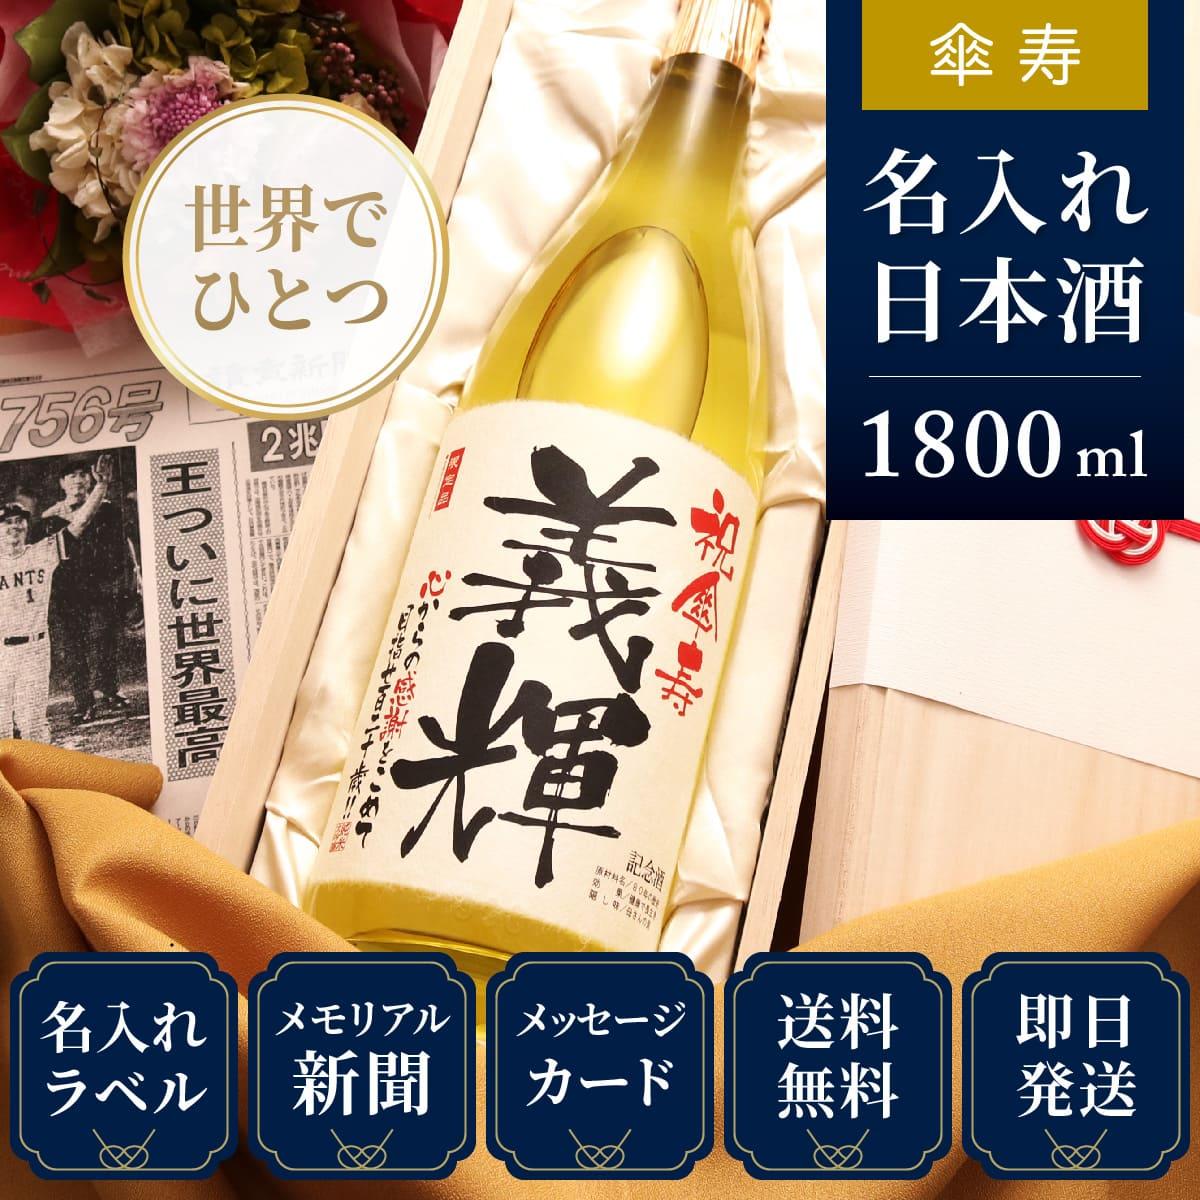 傘寿のプレゼント「黄凛」父親向け贈り物(日本酒)